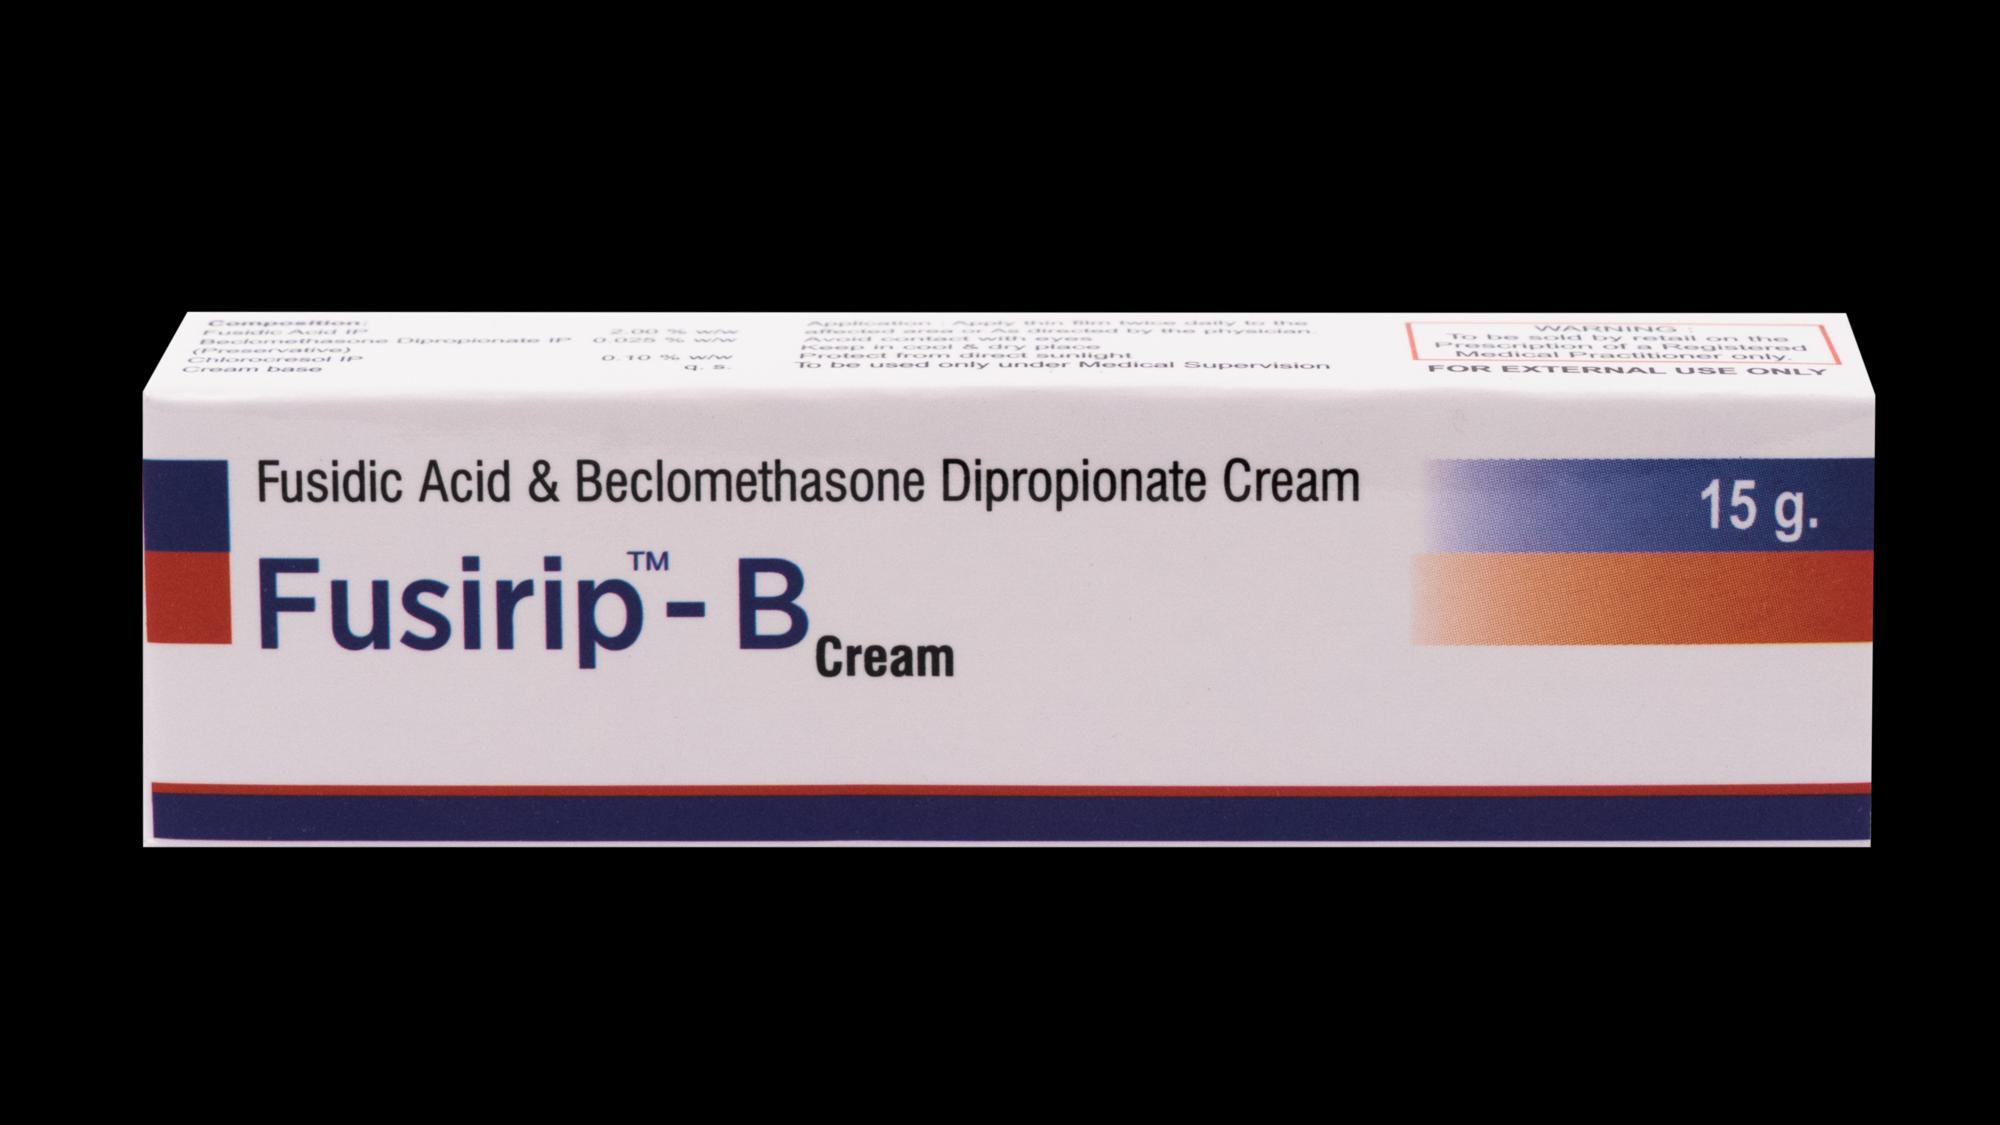 Fusidic Acid, Beclomethasone Dipropionate Cream